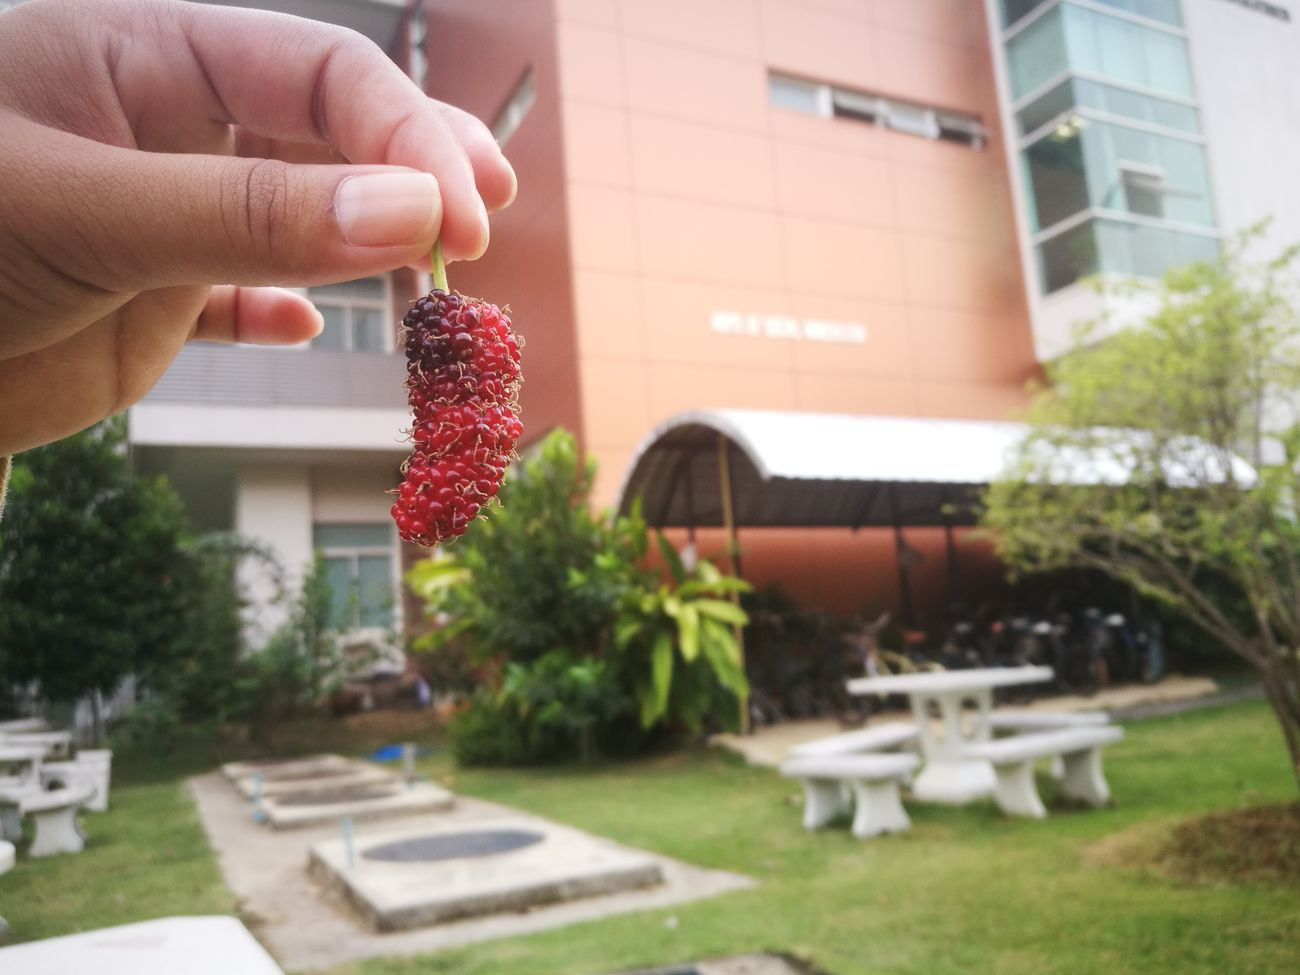 ลูกหม่อน or Mulberry